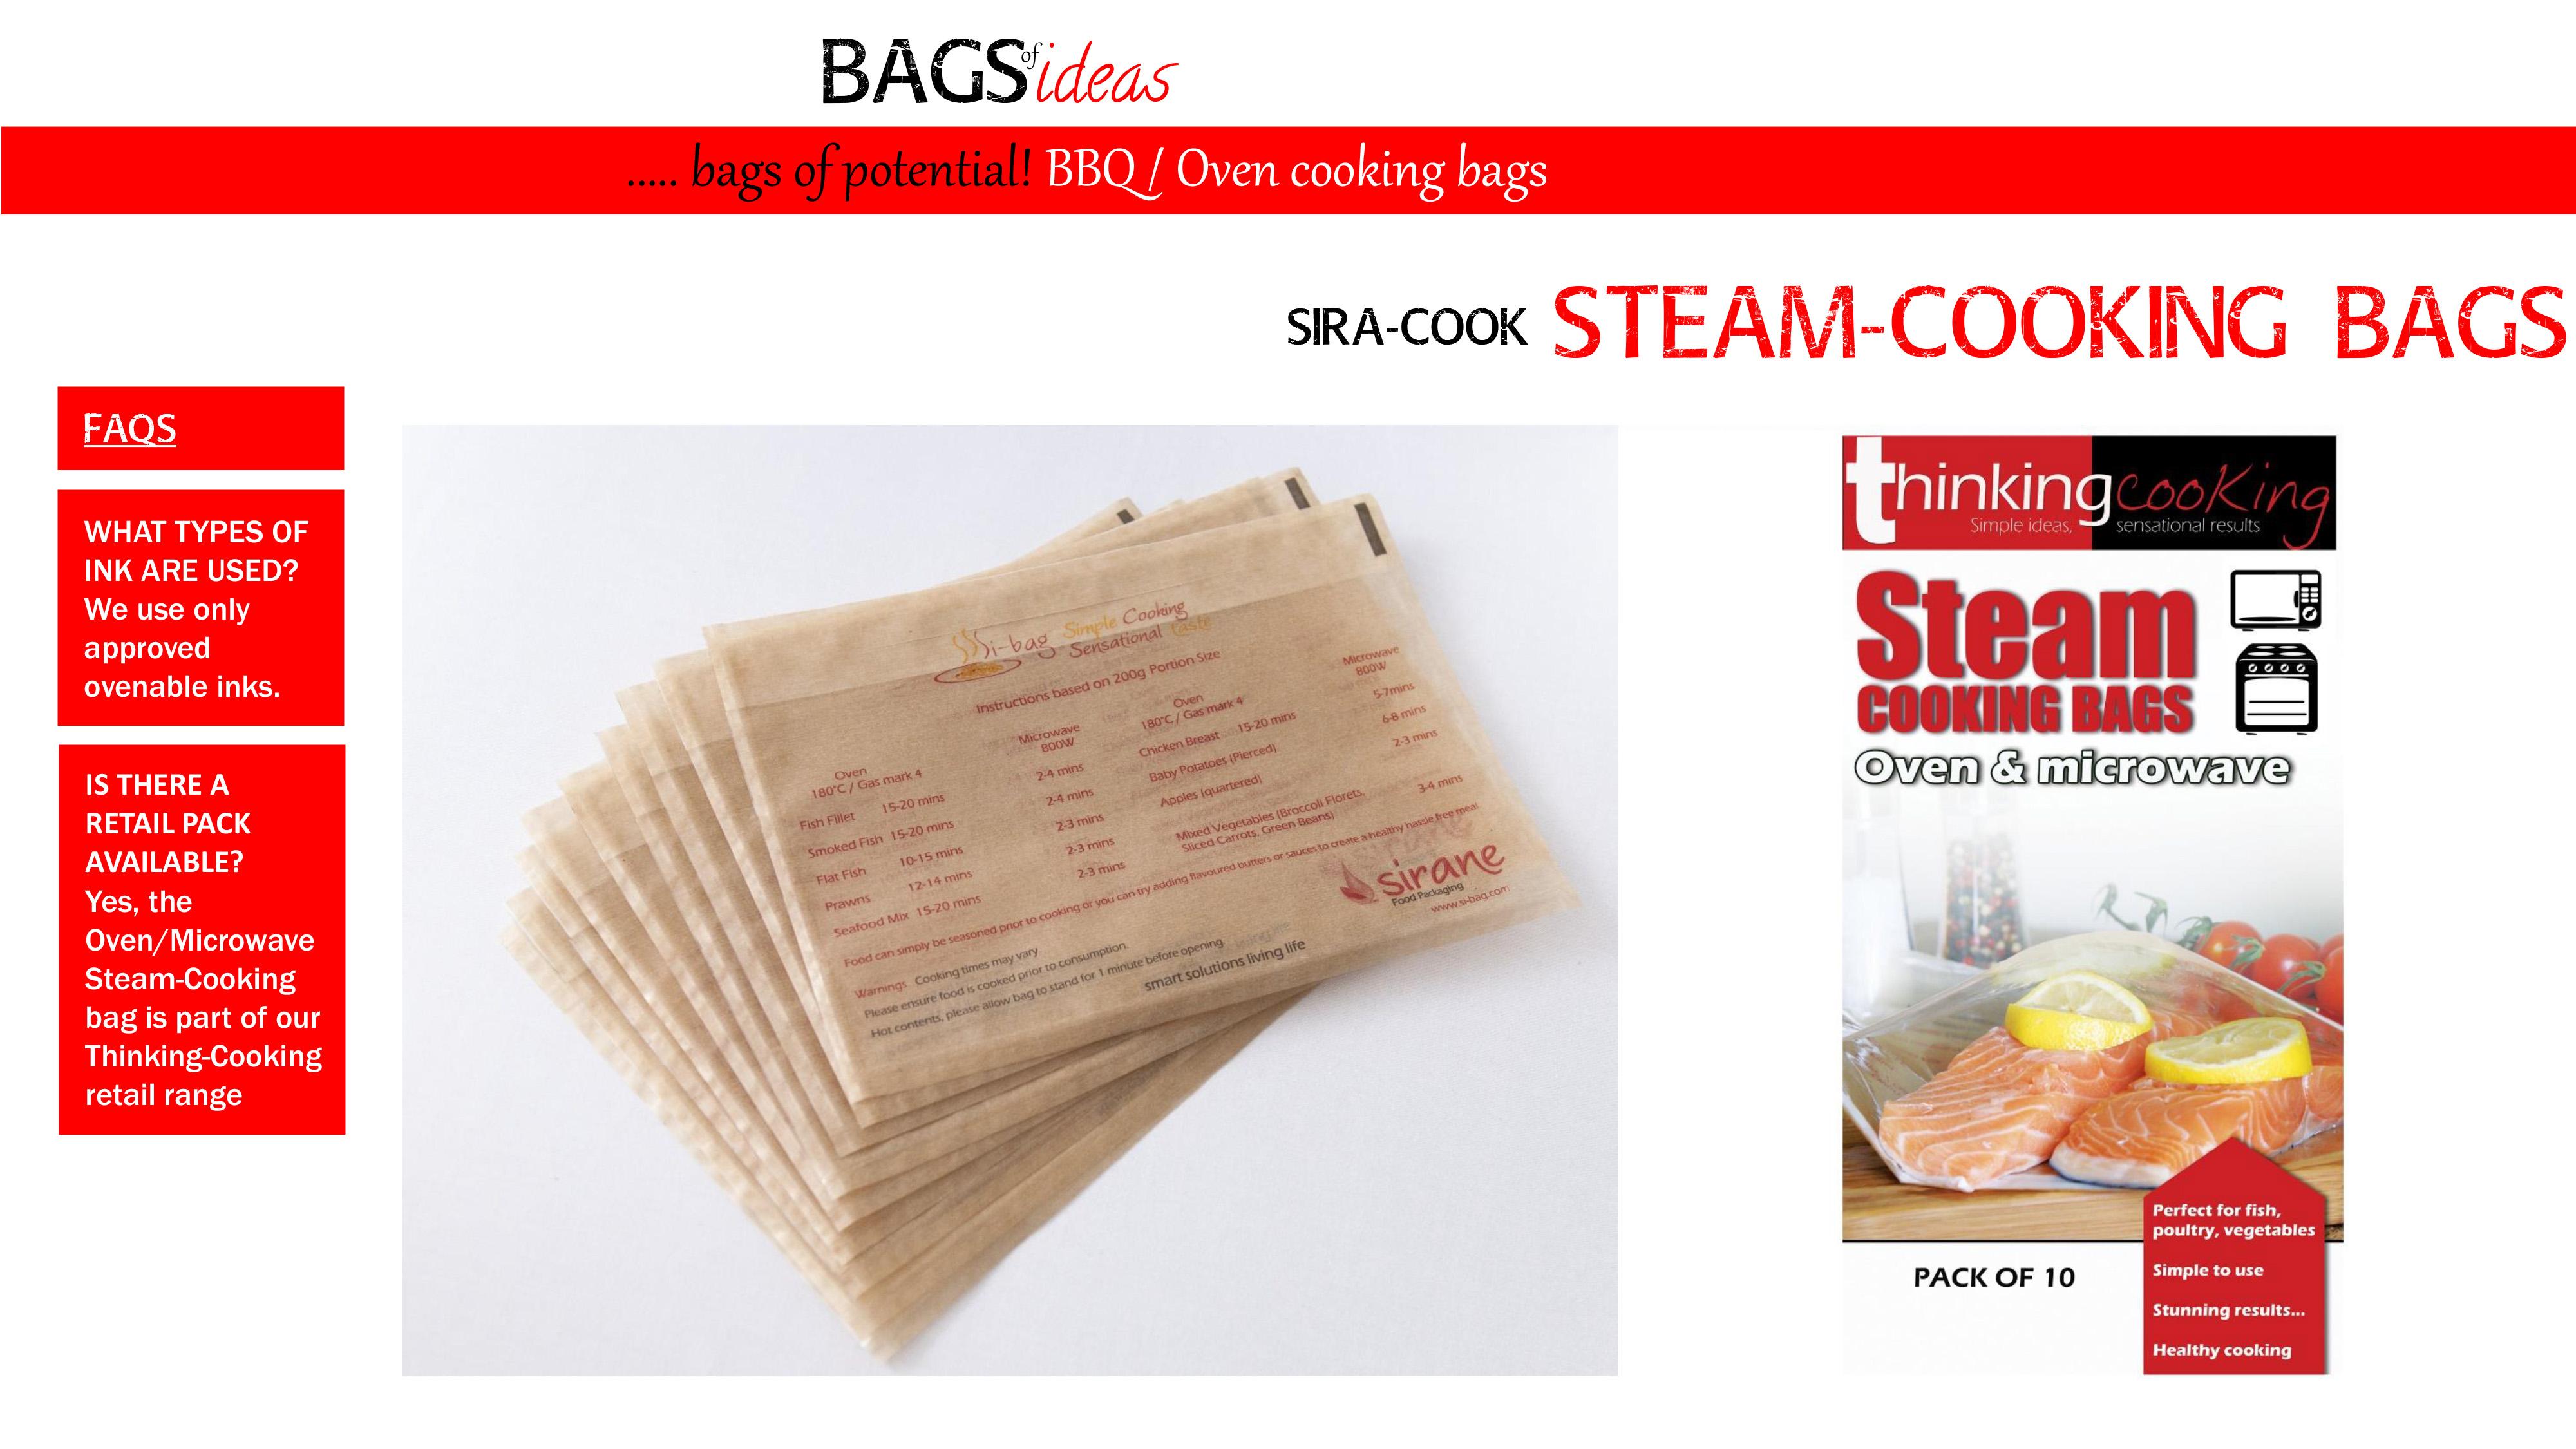 Bagsofideteamcook 6